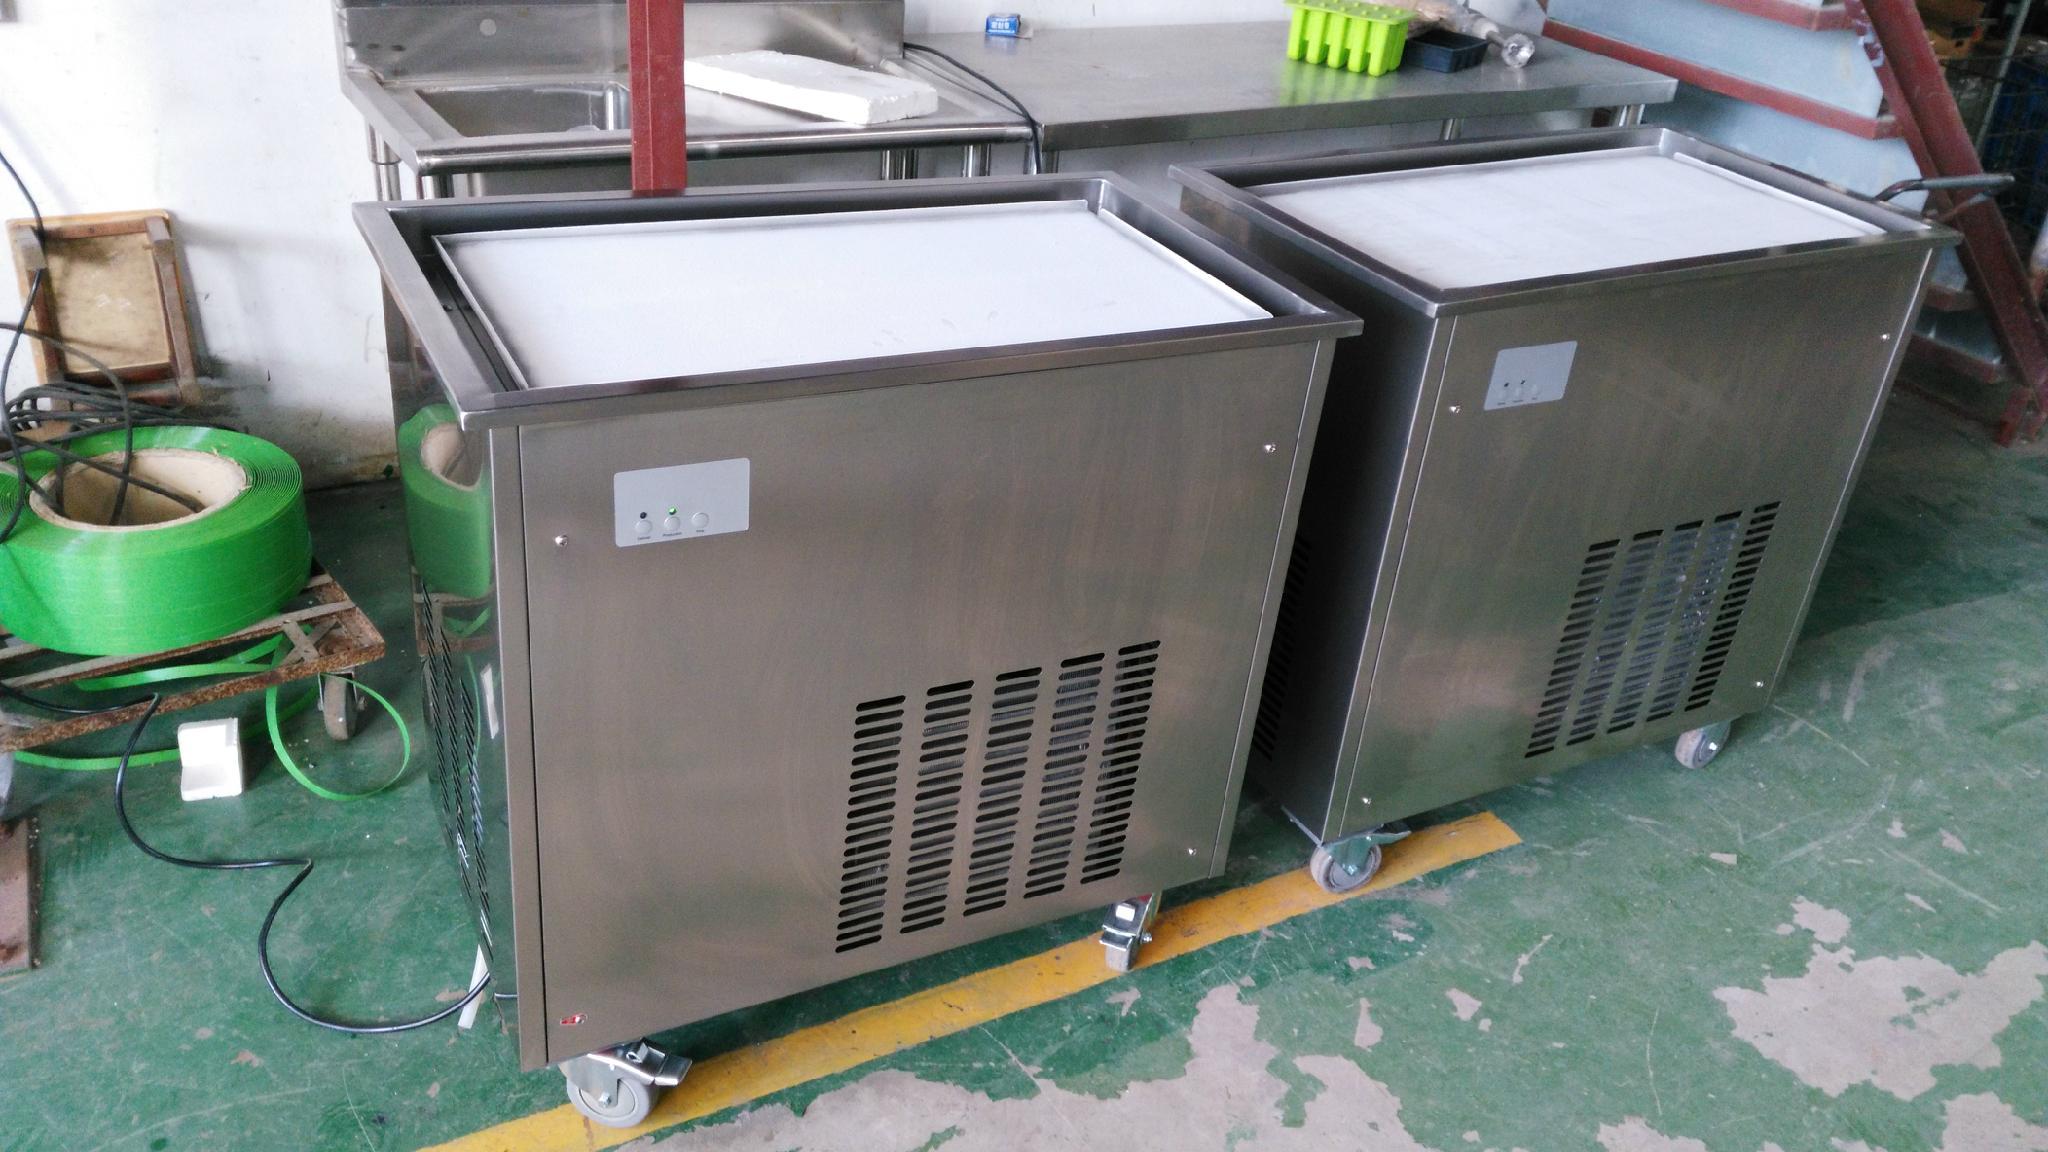 CB-100方盘炒冰机,炒冰机什么牌子好 7